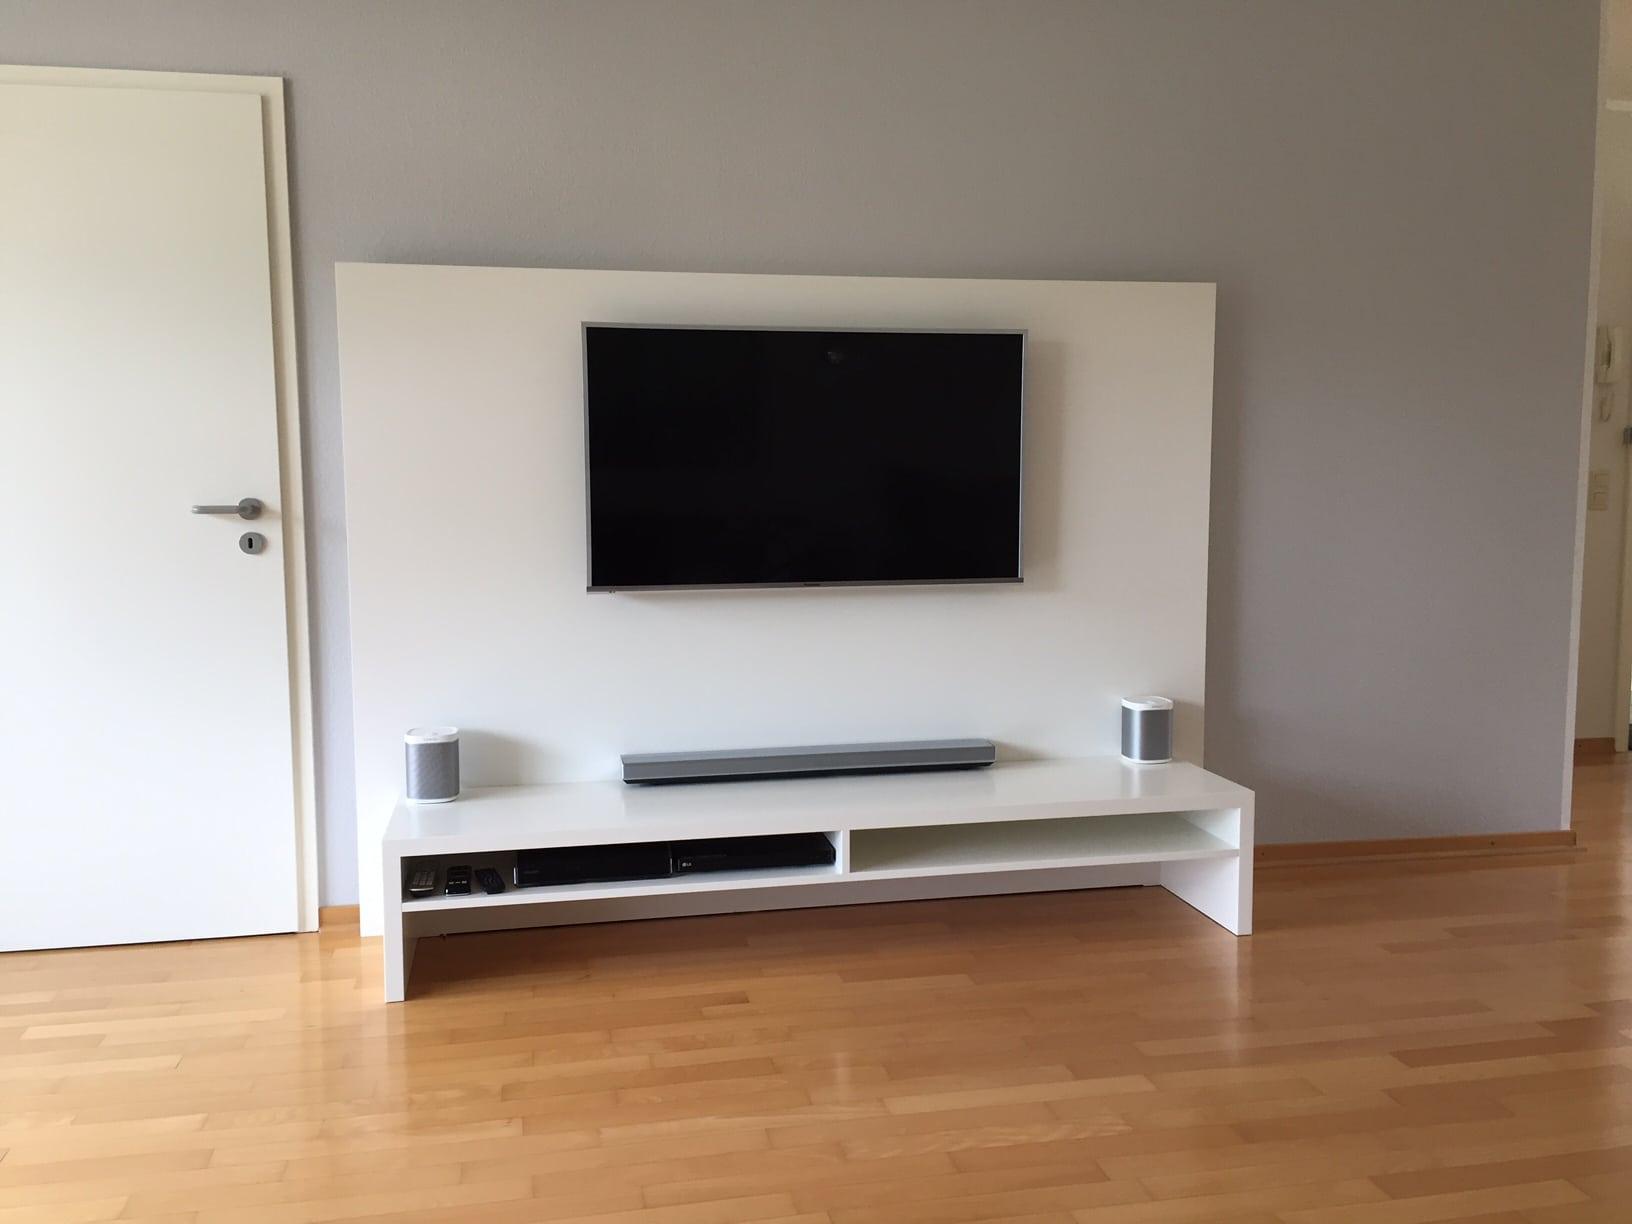 tv wandpaneel   exquisit tv wand paneel wandpaneel ikea schwenkbar